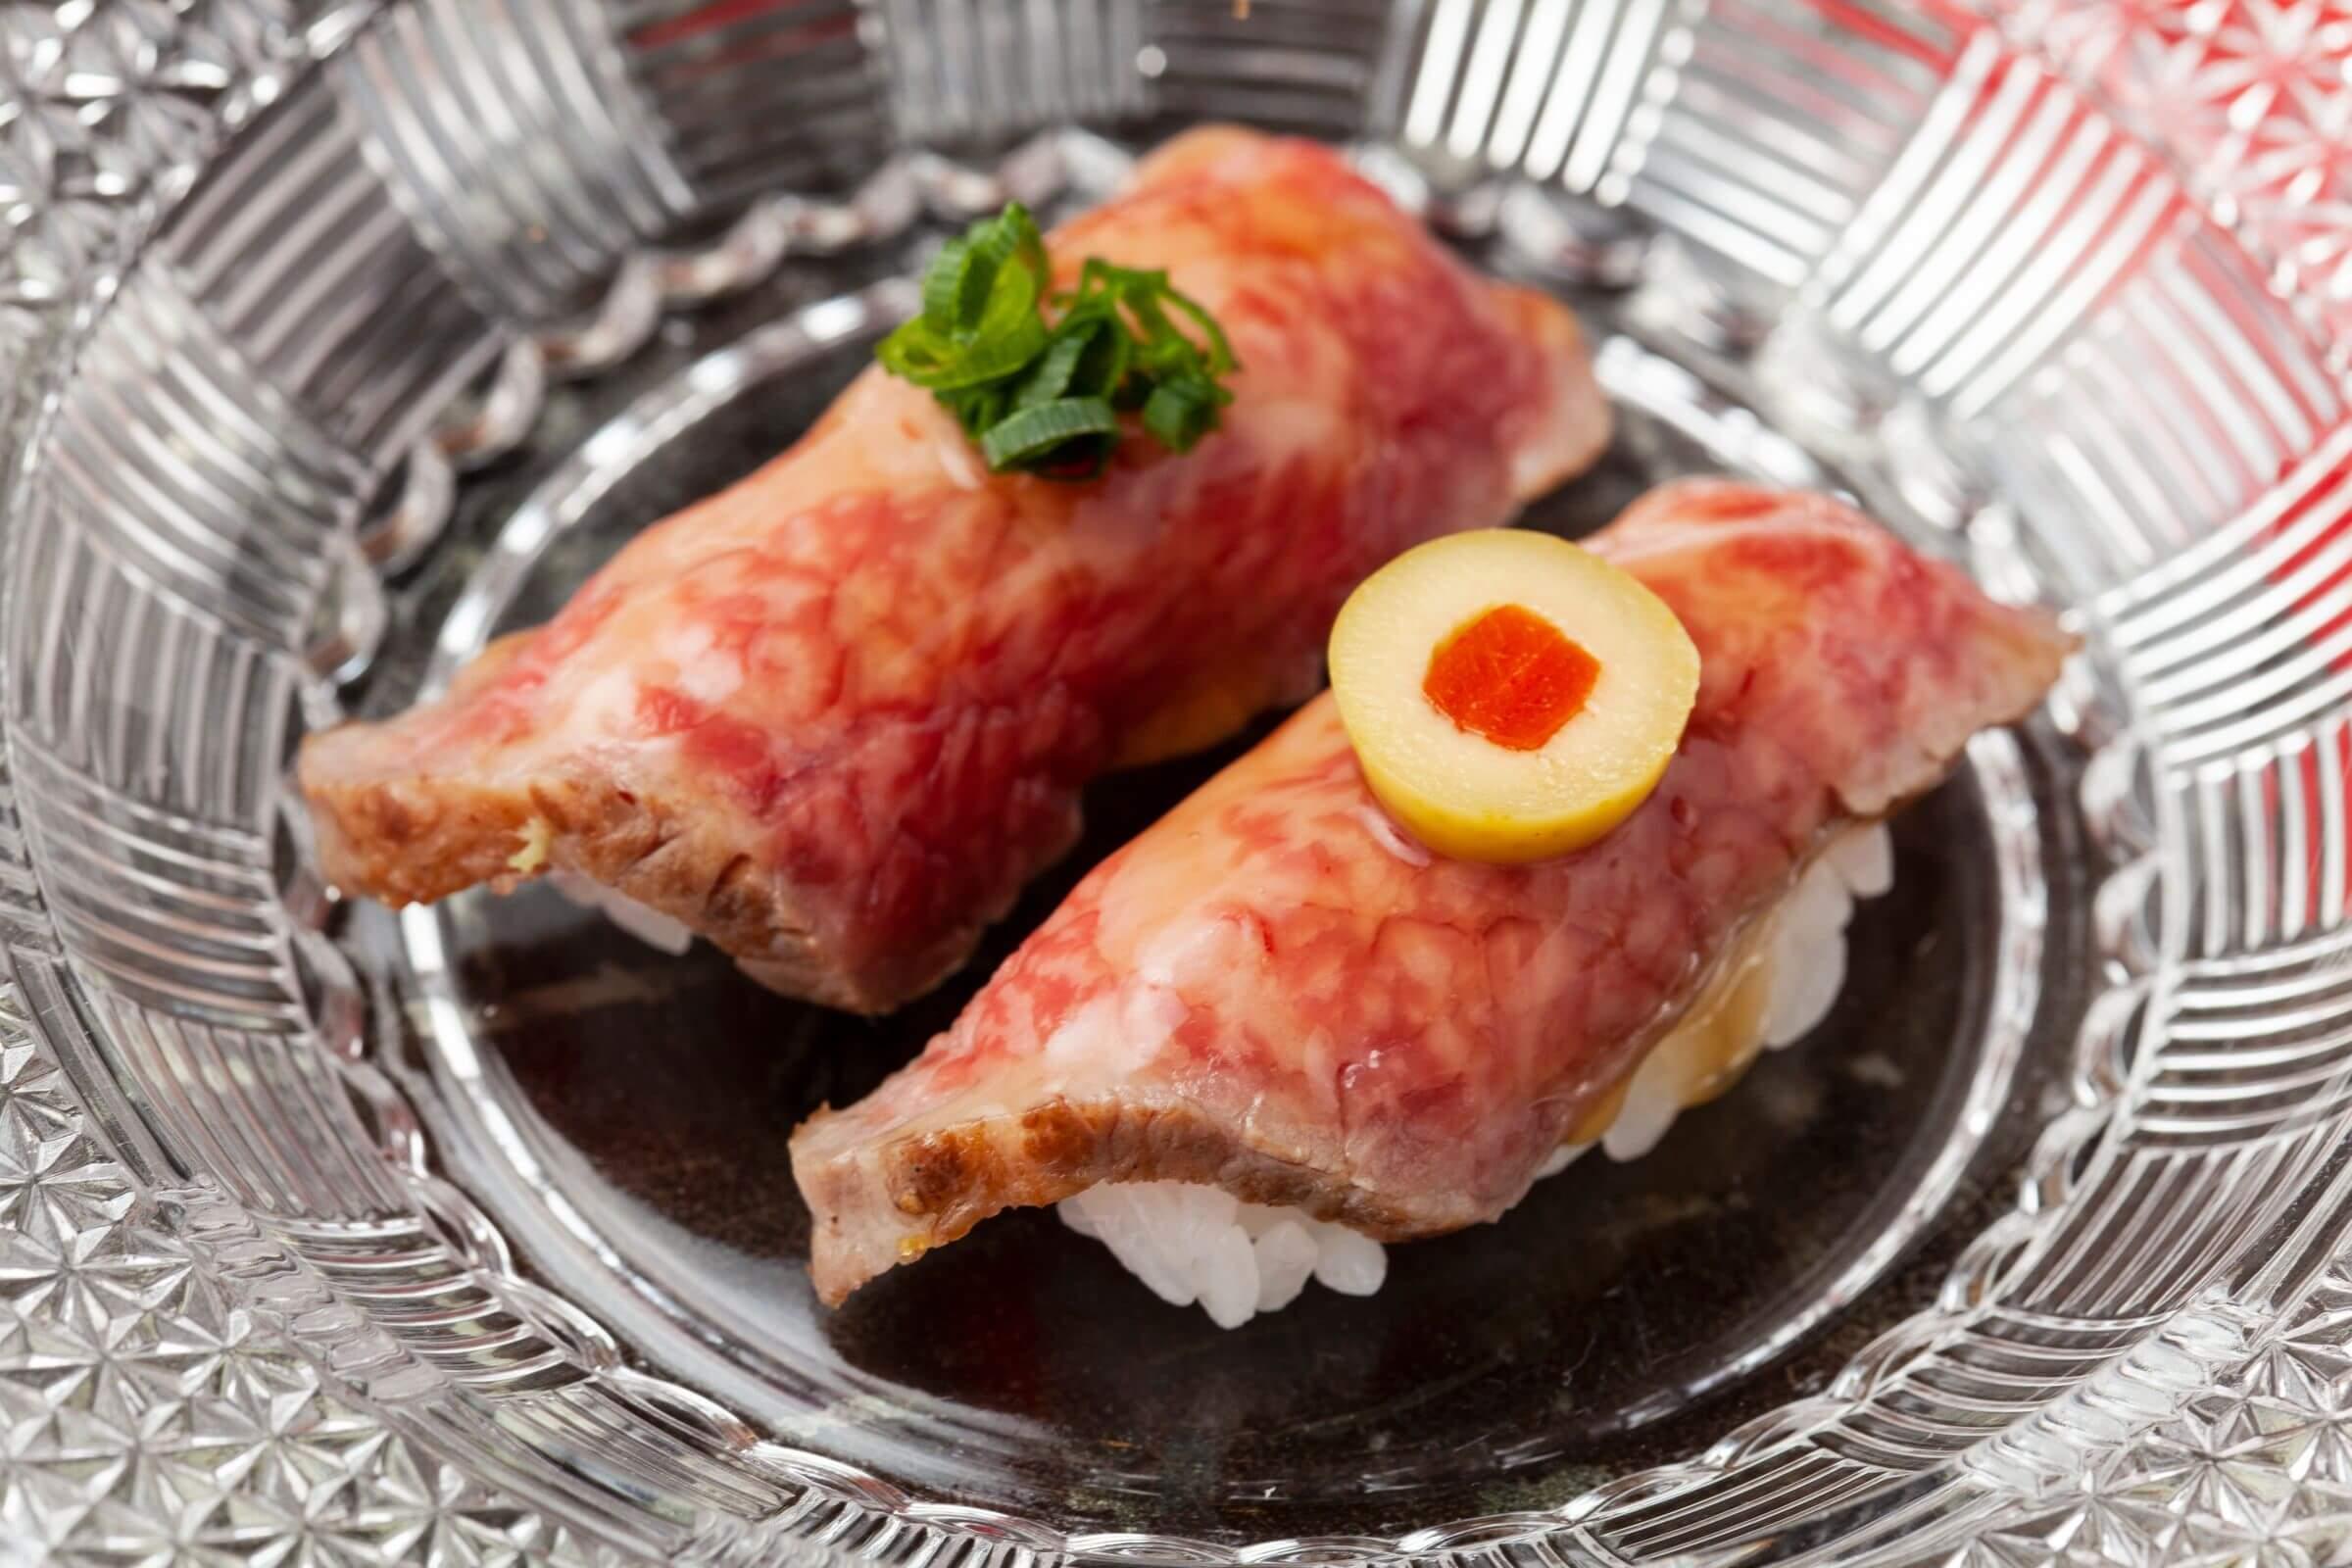 ザ・プリンスギャラリー 東京紀尾井町 料理